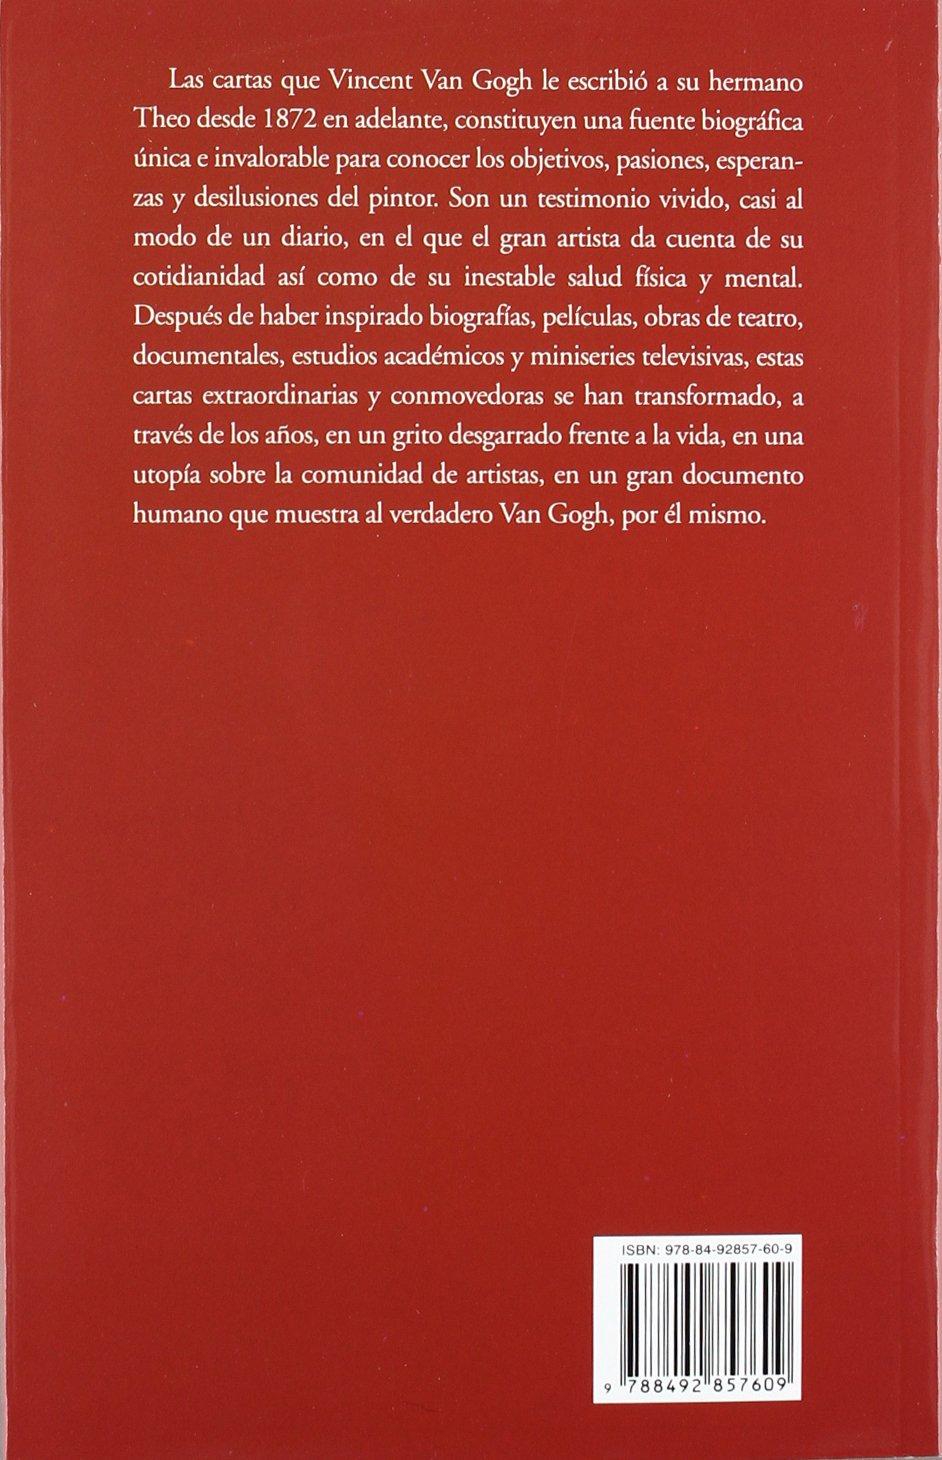 Cartas a Theo (Biografías y testimonios): Amazon.es: Vincent ...